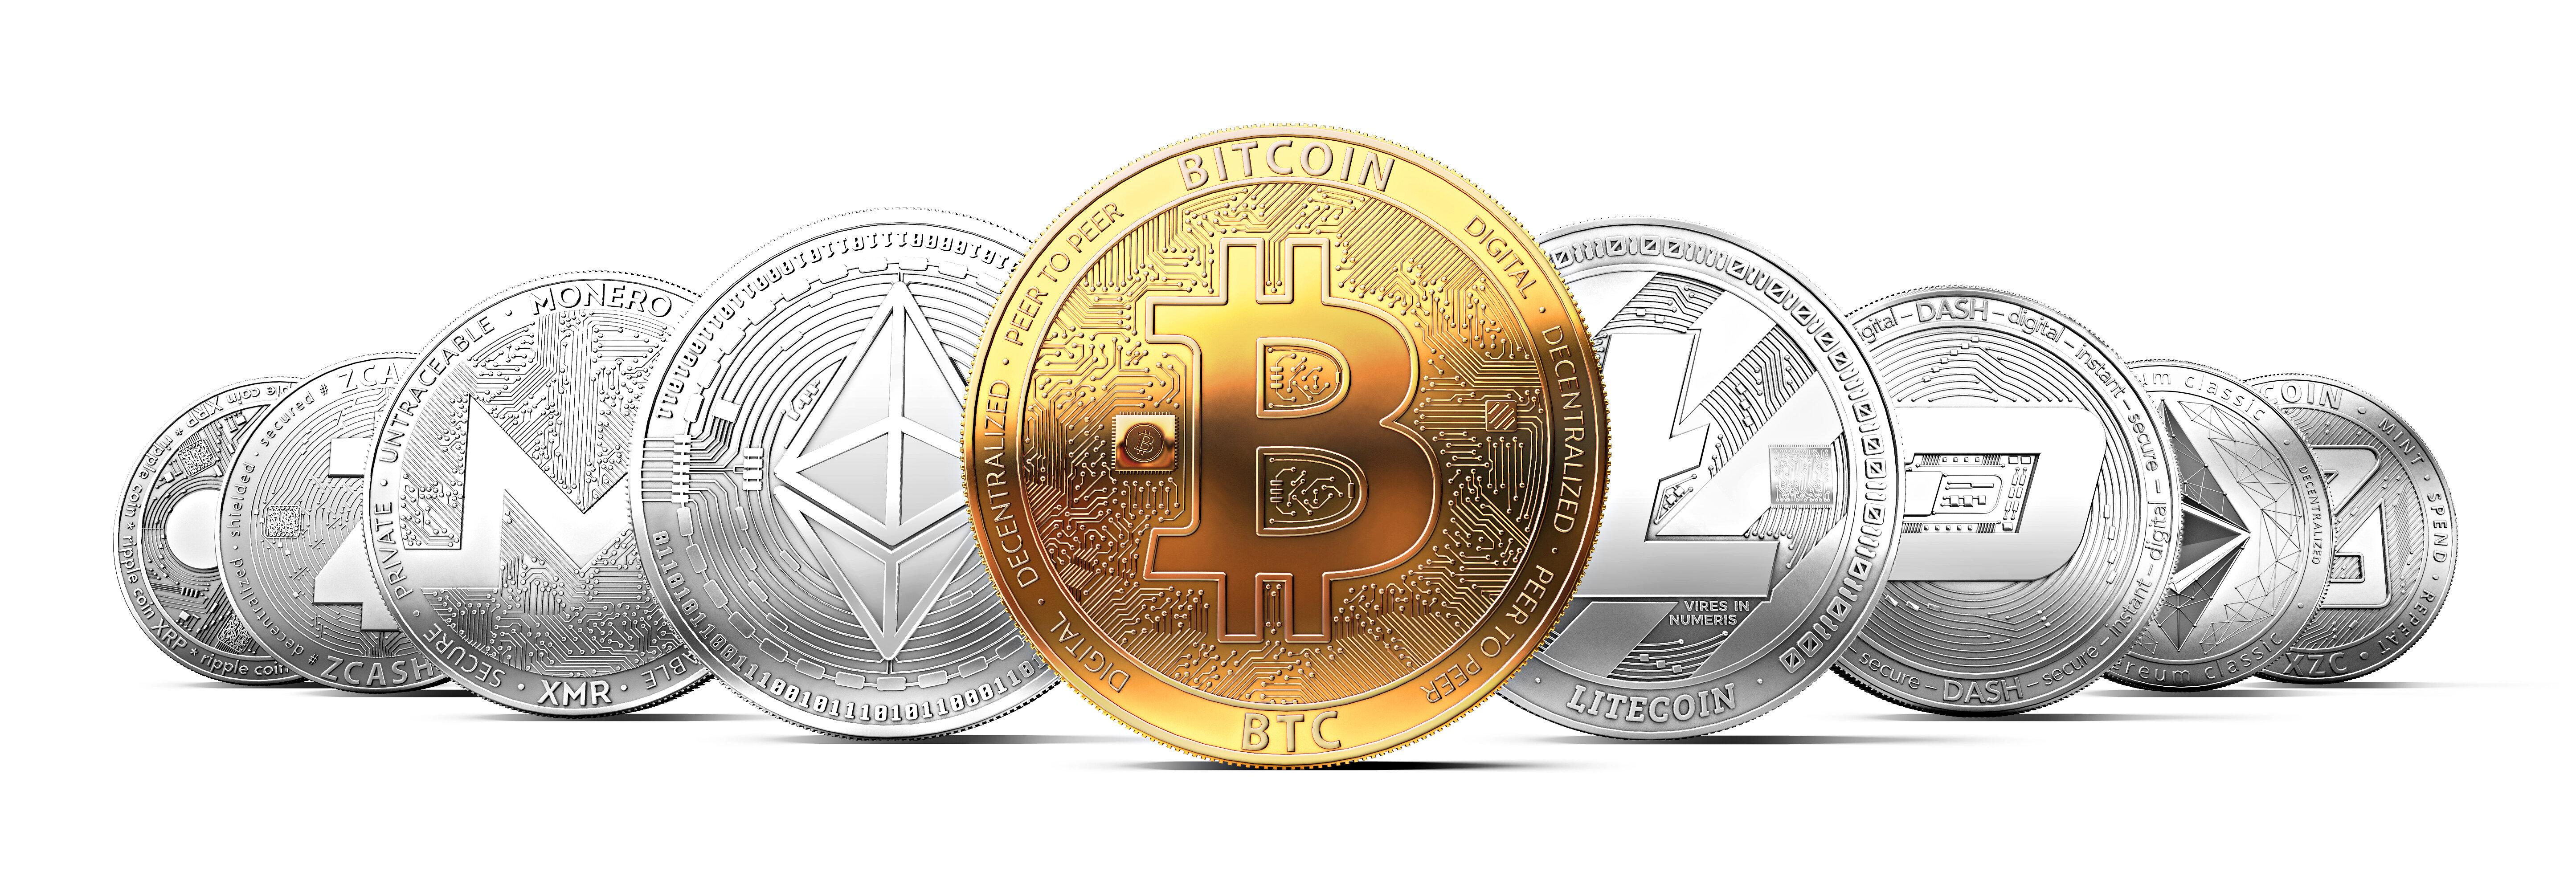 The price of Bitcoin fell as Facebook might cancel Libra